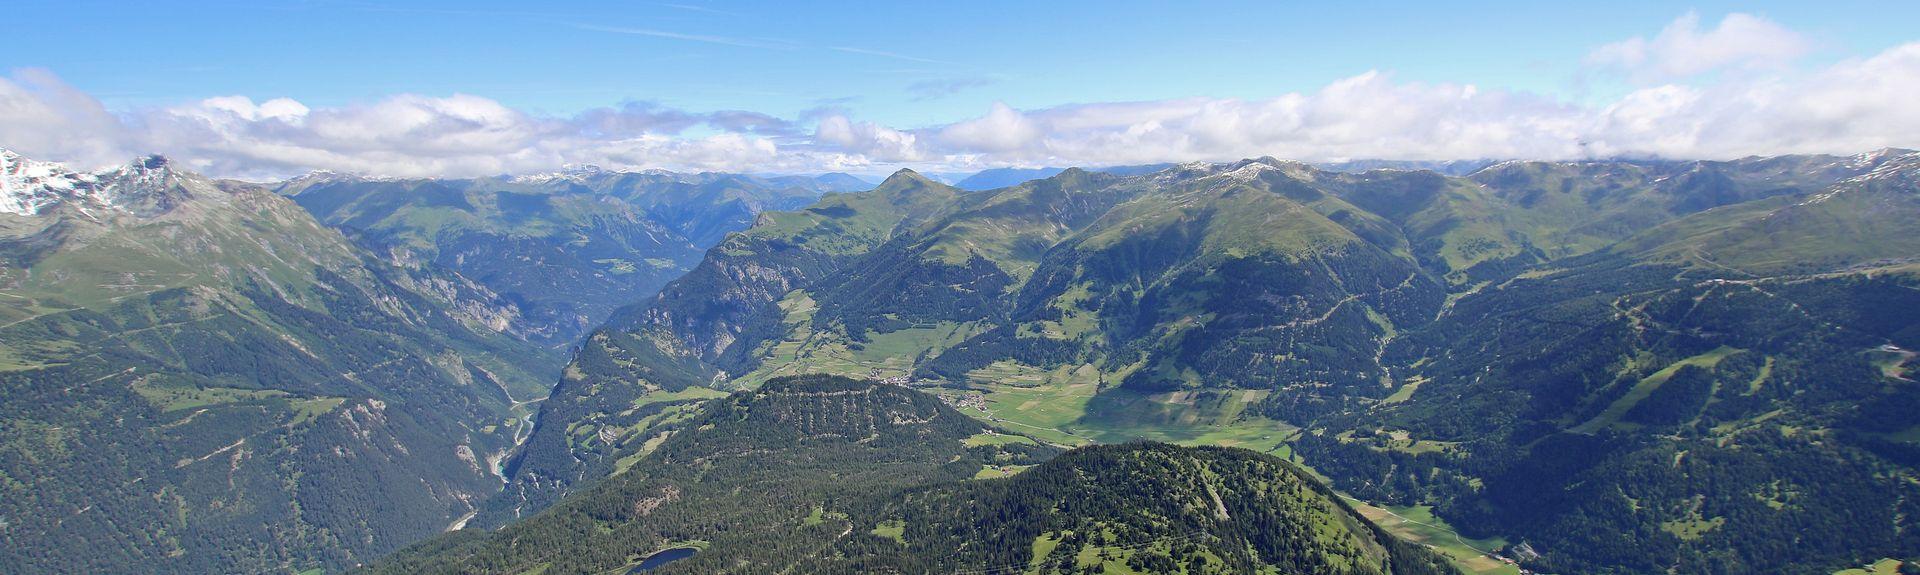 Jerzens, Austria